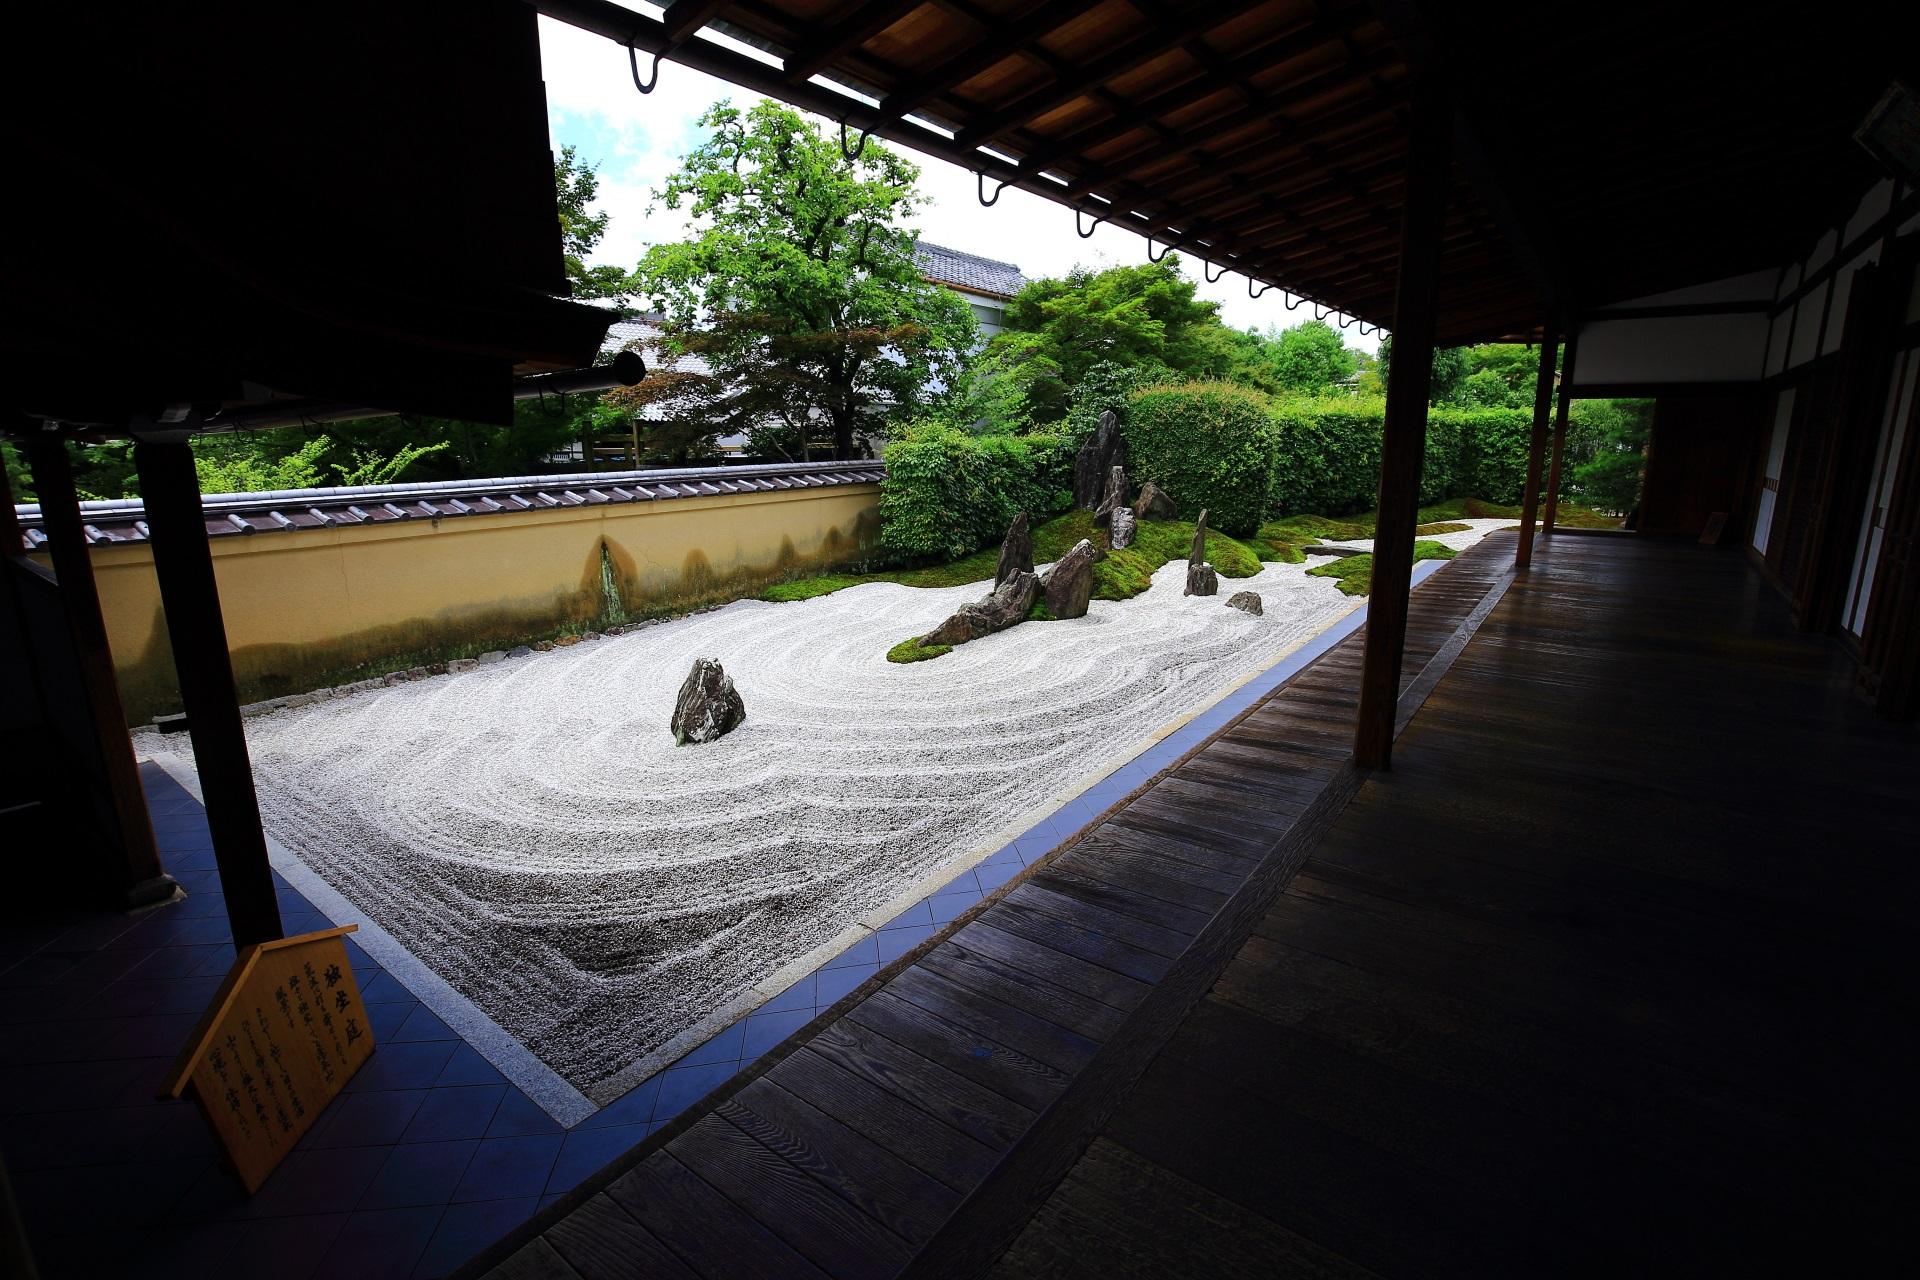 瑞峯院 極上の庭園 荒波の独坐庭と静寂の閑眠庭